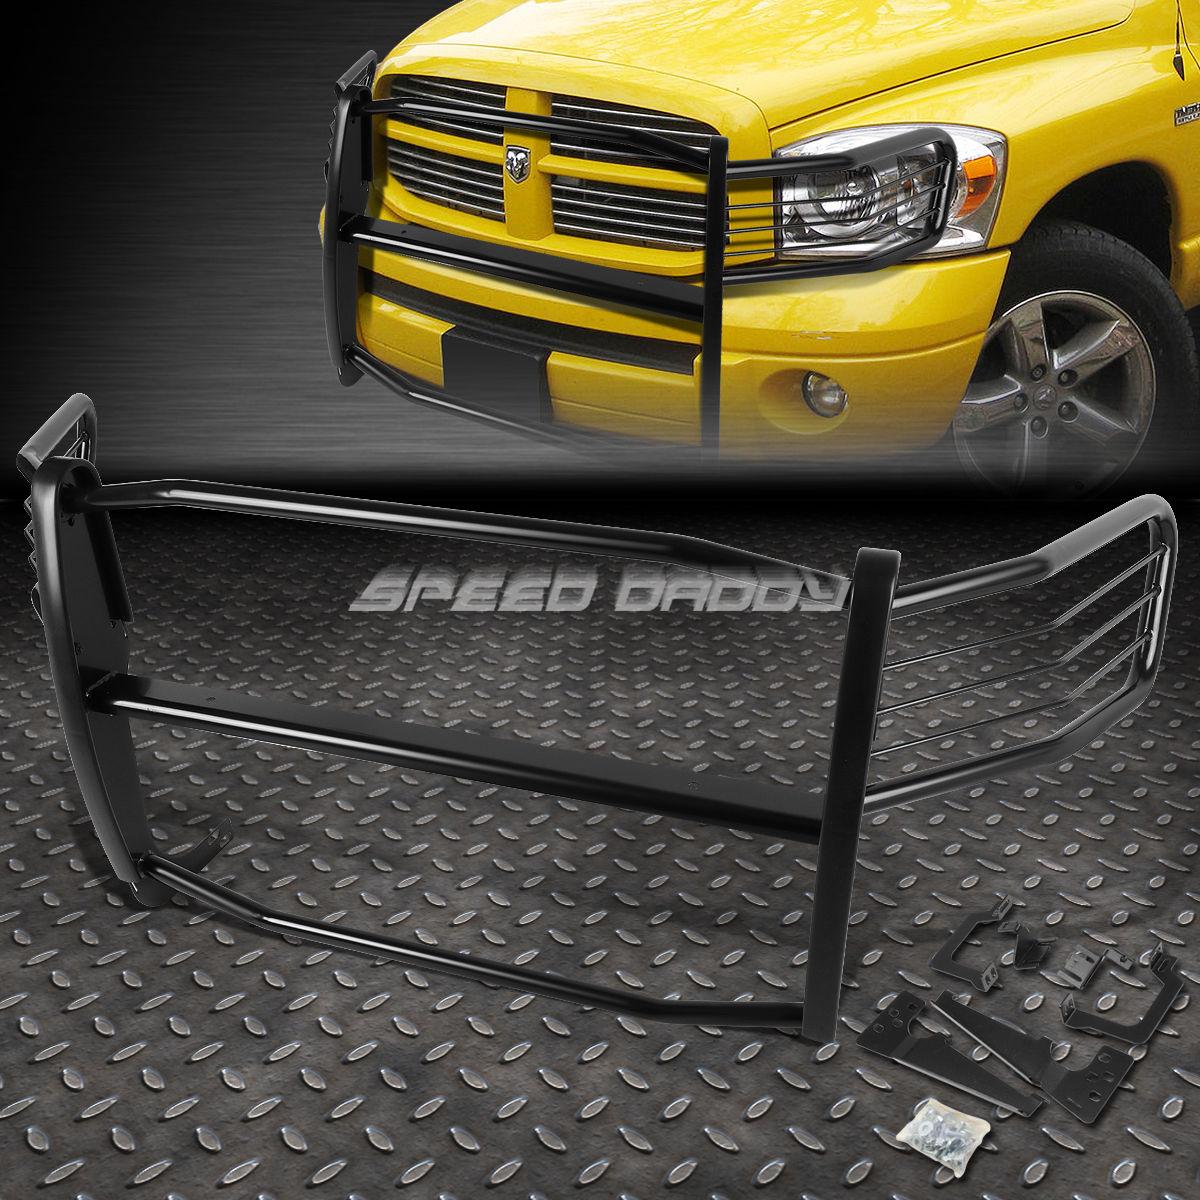 グリル 黒塗装されたミルクスチールフロントグリルフレームガード06-08 RAM 1500-3500メガCAB BLACK COATED MILD STEEL FRONT GRILL FRAME GUARD FOR 06-08 RAM 1500-3500 MEGA CAB